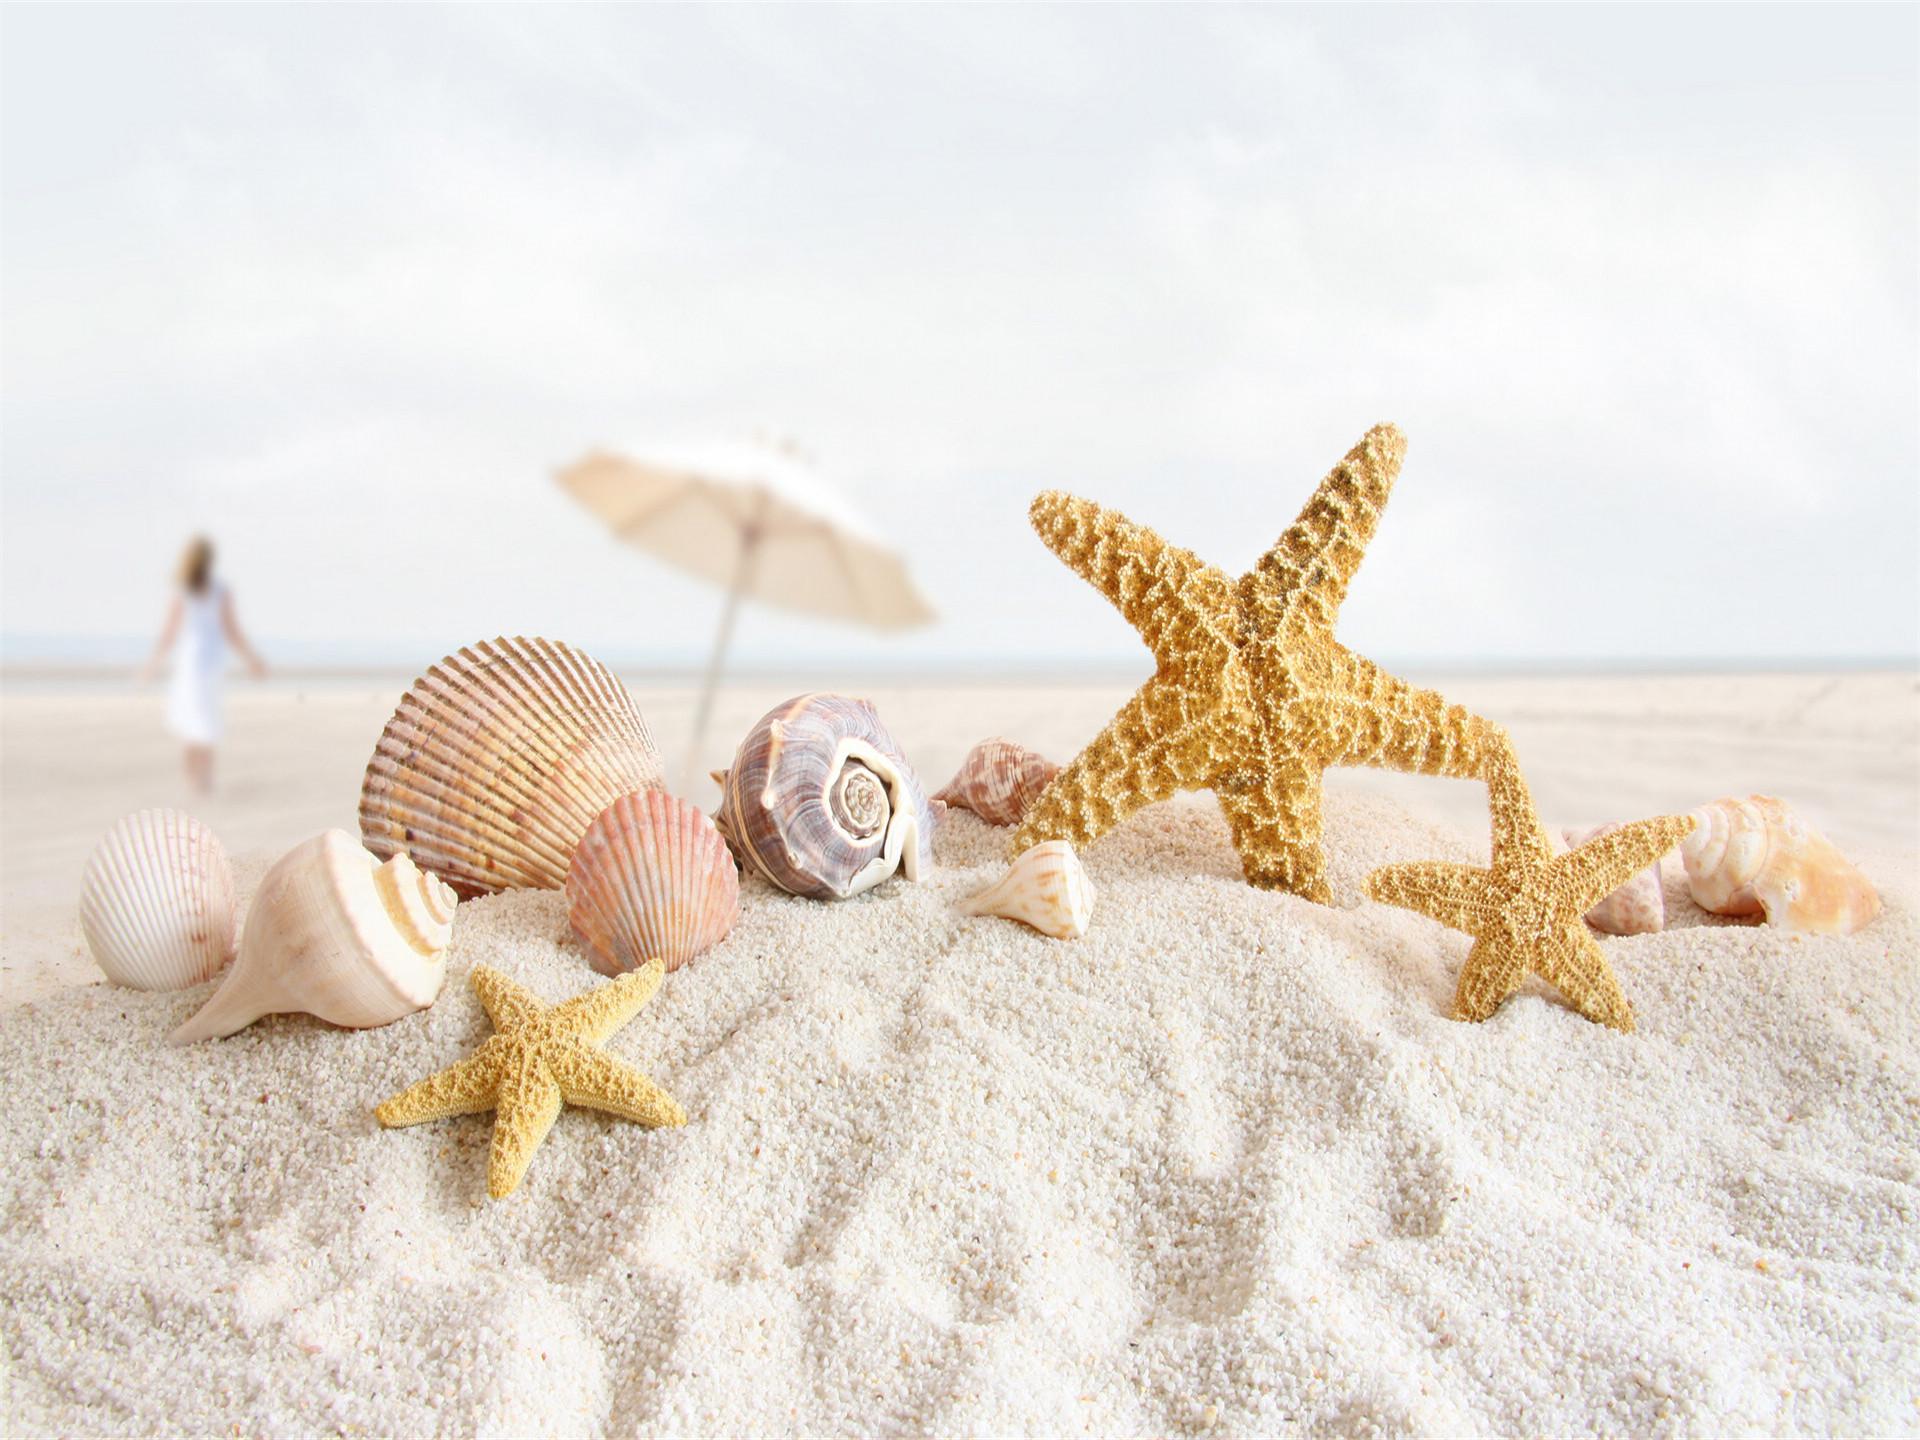 沙滩上的海星贝壳ppt背景图片下载